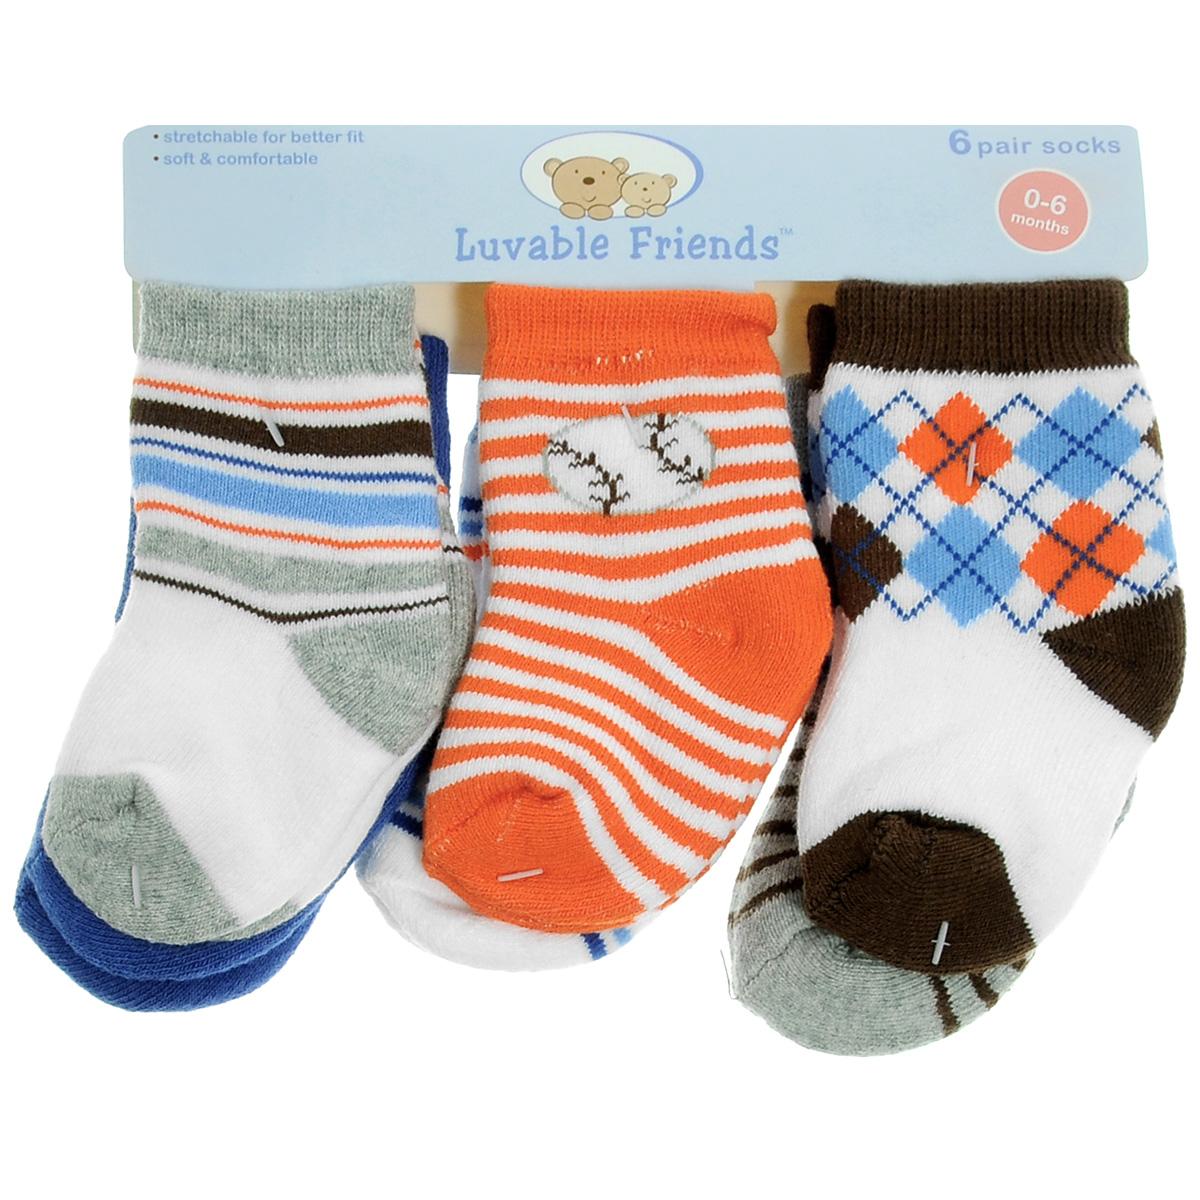 26110Комфортные и прочные детские носки Luvable Friends Яркий принт, махровые внутри, очень мягкие на ощупь. Эластичная резинка плотно облегает ножку ребенка, не сдавливая ее, благодаря чему малышу будет комфортно и удобно. Комплект состоит из шести пар носочков с различной цветовой гаммой и притом.